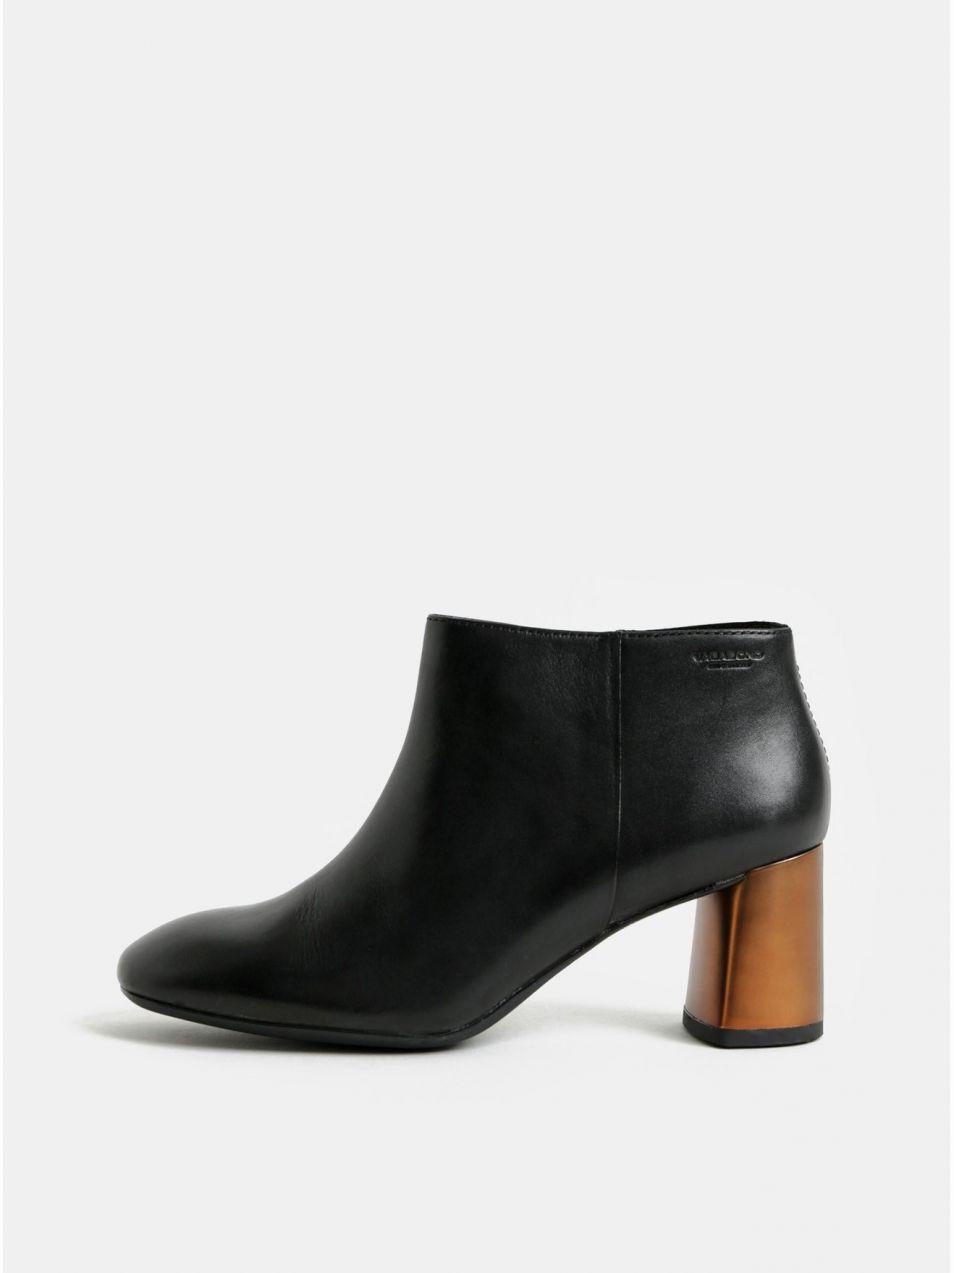 86bc303fa4 Čierne dámske kožené členkové topánky Vagabond Jeena značky Vagabond ...